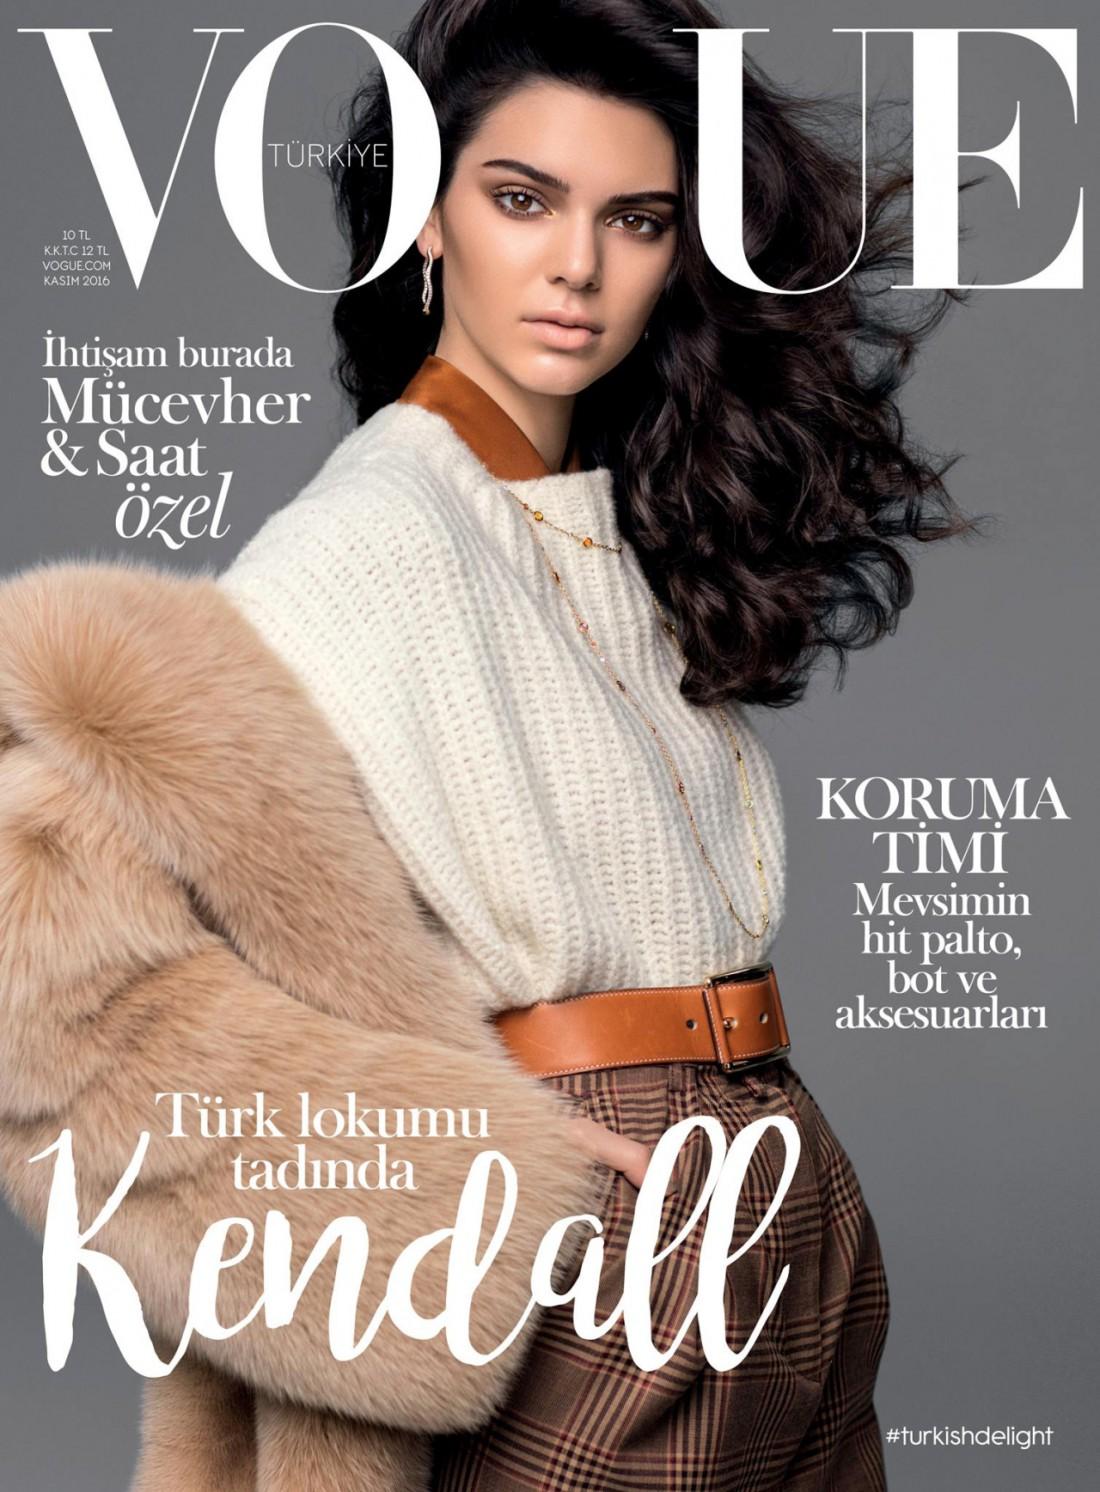 Кендалл Дженнер в фотосете турецкого Vogue